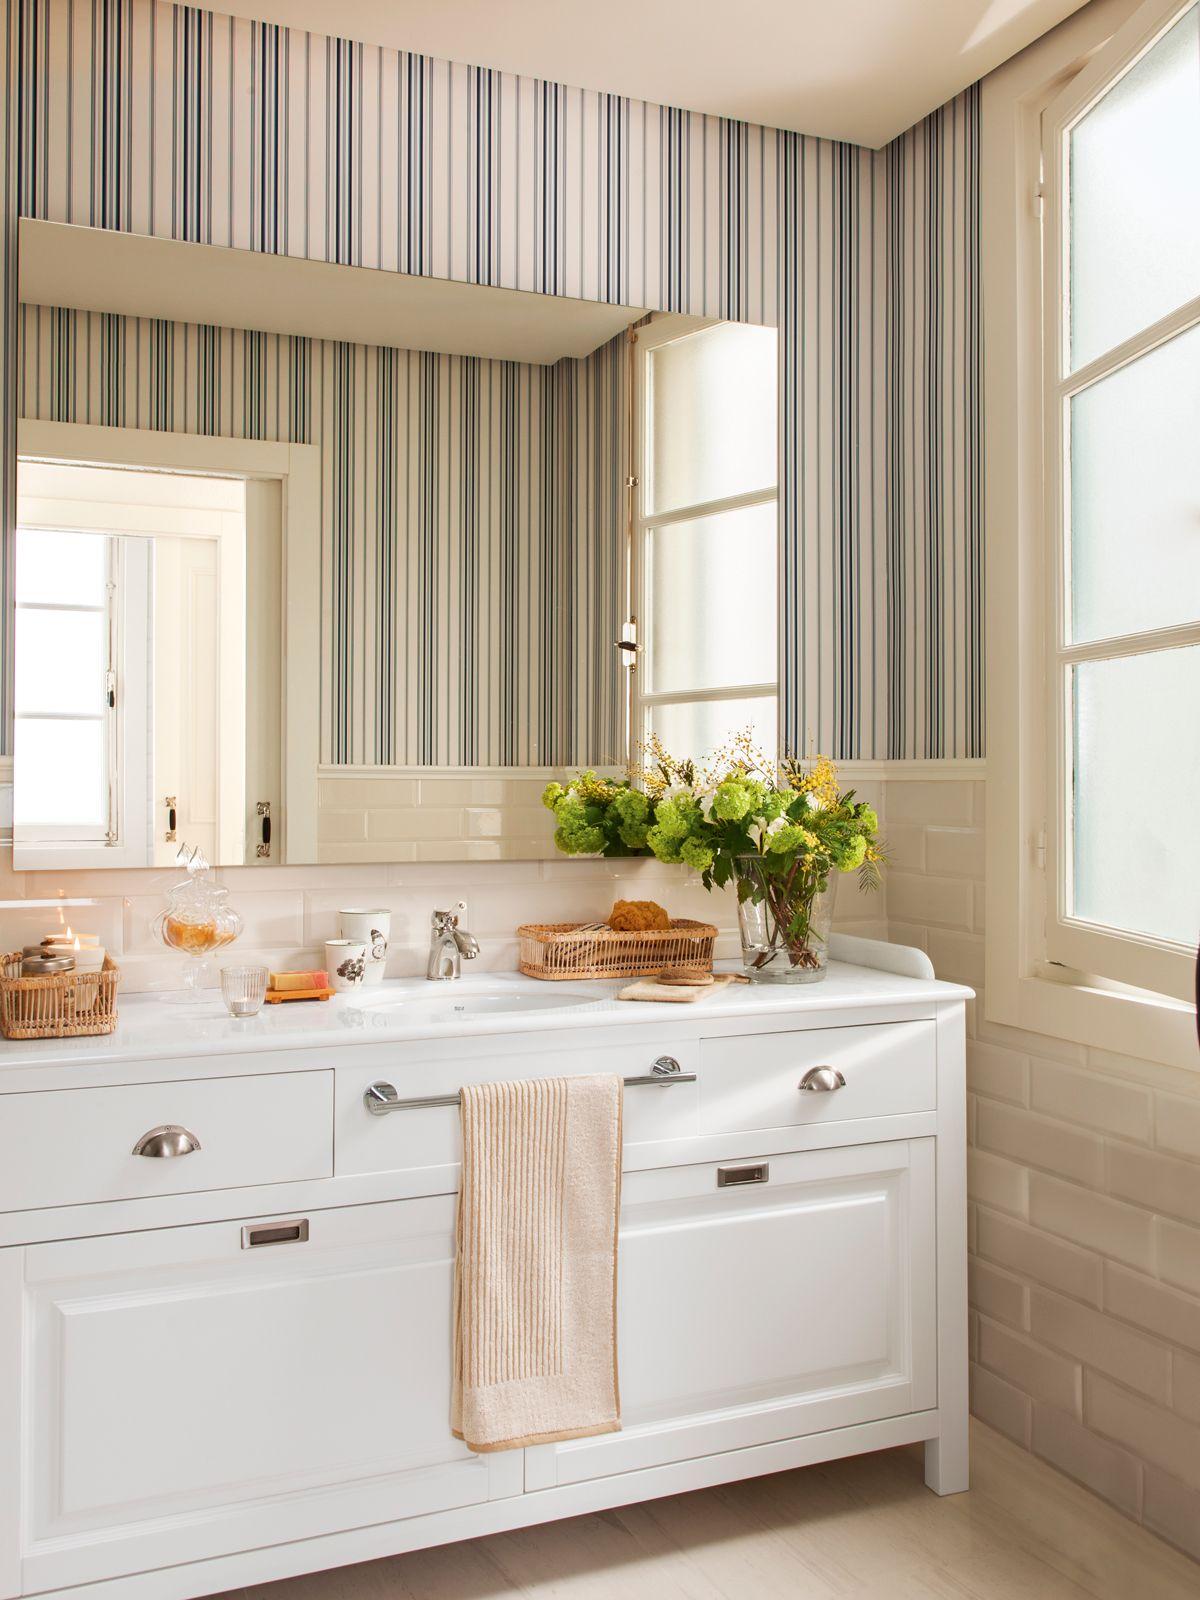 Butaca frente a arrimadero blanco y con pared alfombra y Banos pequenos pintados